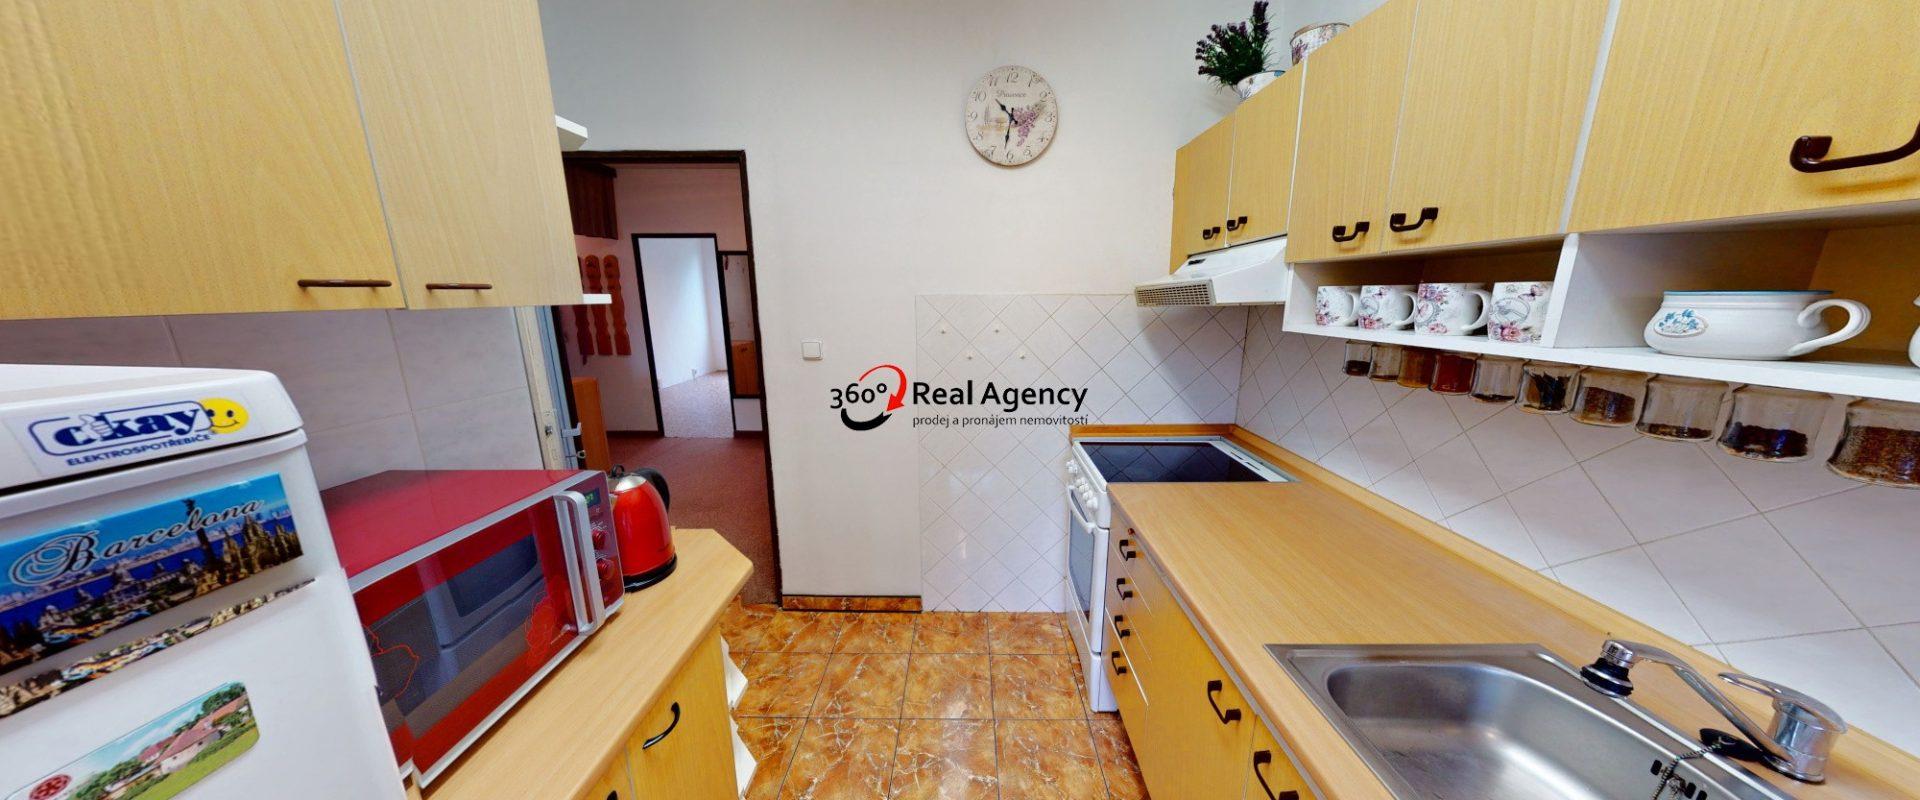 Prodej bytu 3+1/L, 82 m², Mrkvičkova, Praha 6 – Řepy